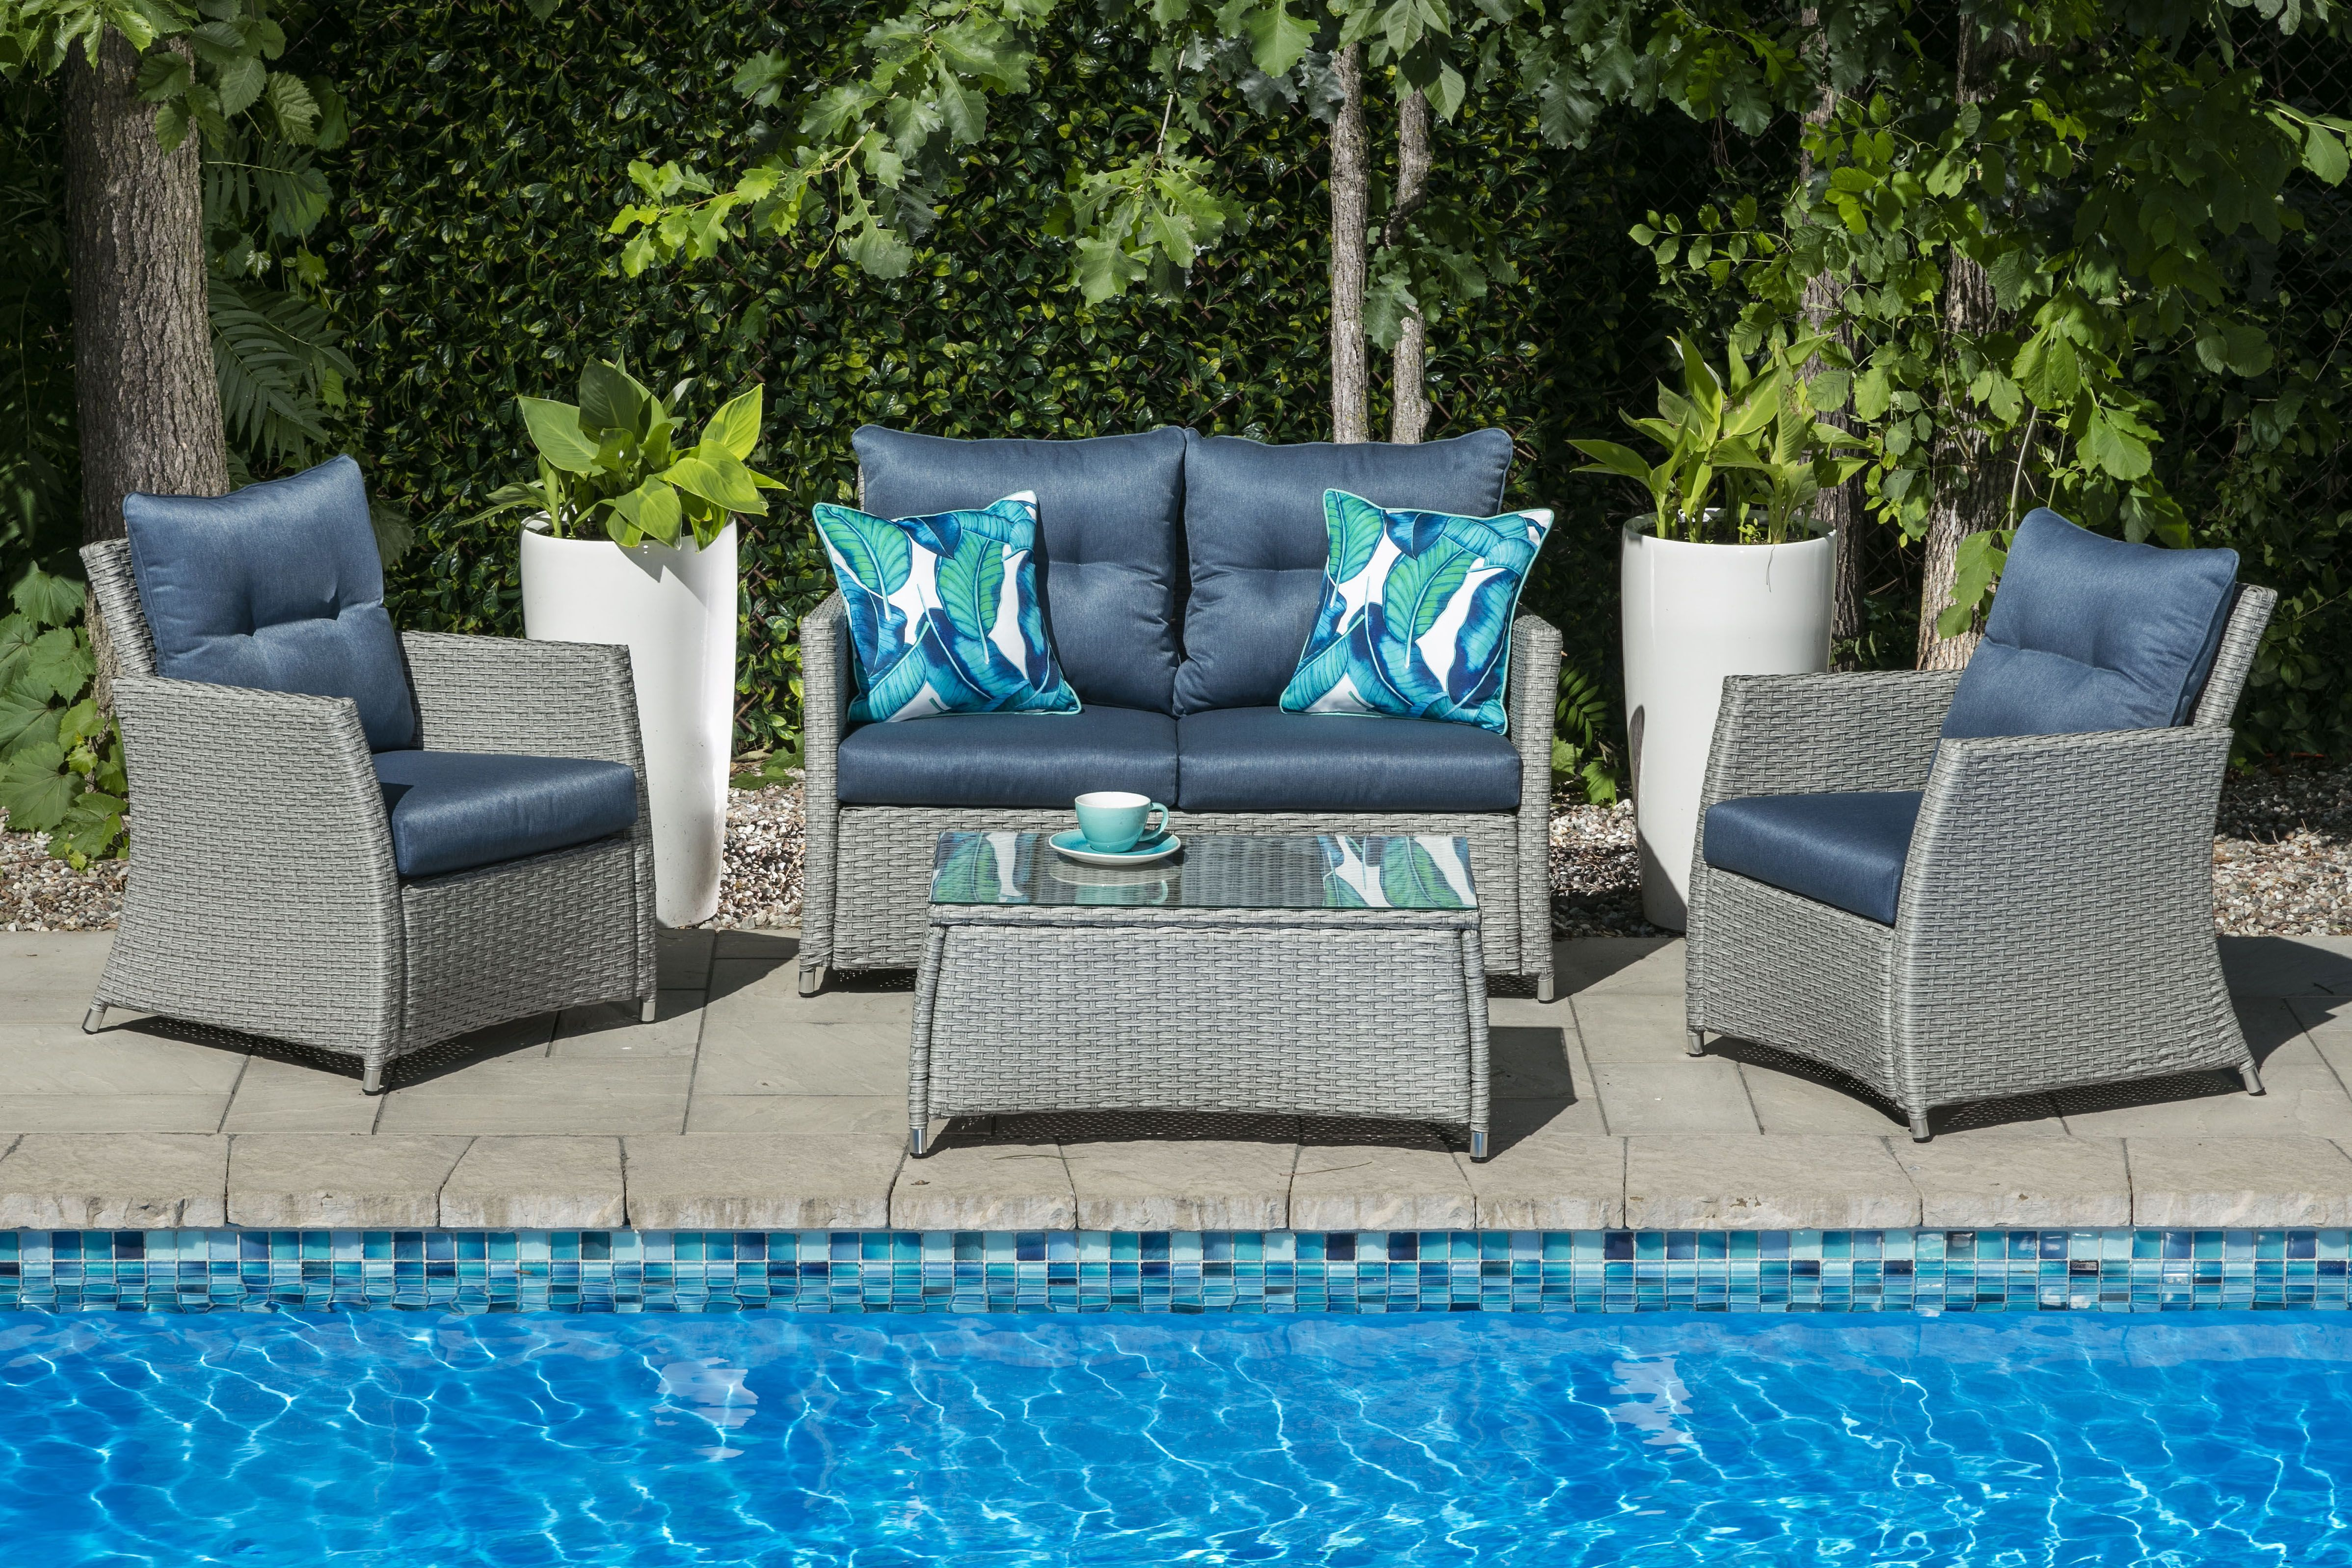 Salon Exterieur Niagara Ii Outdoor Deep Seating Deep Seating Furniture Sets Outdoor Furniture